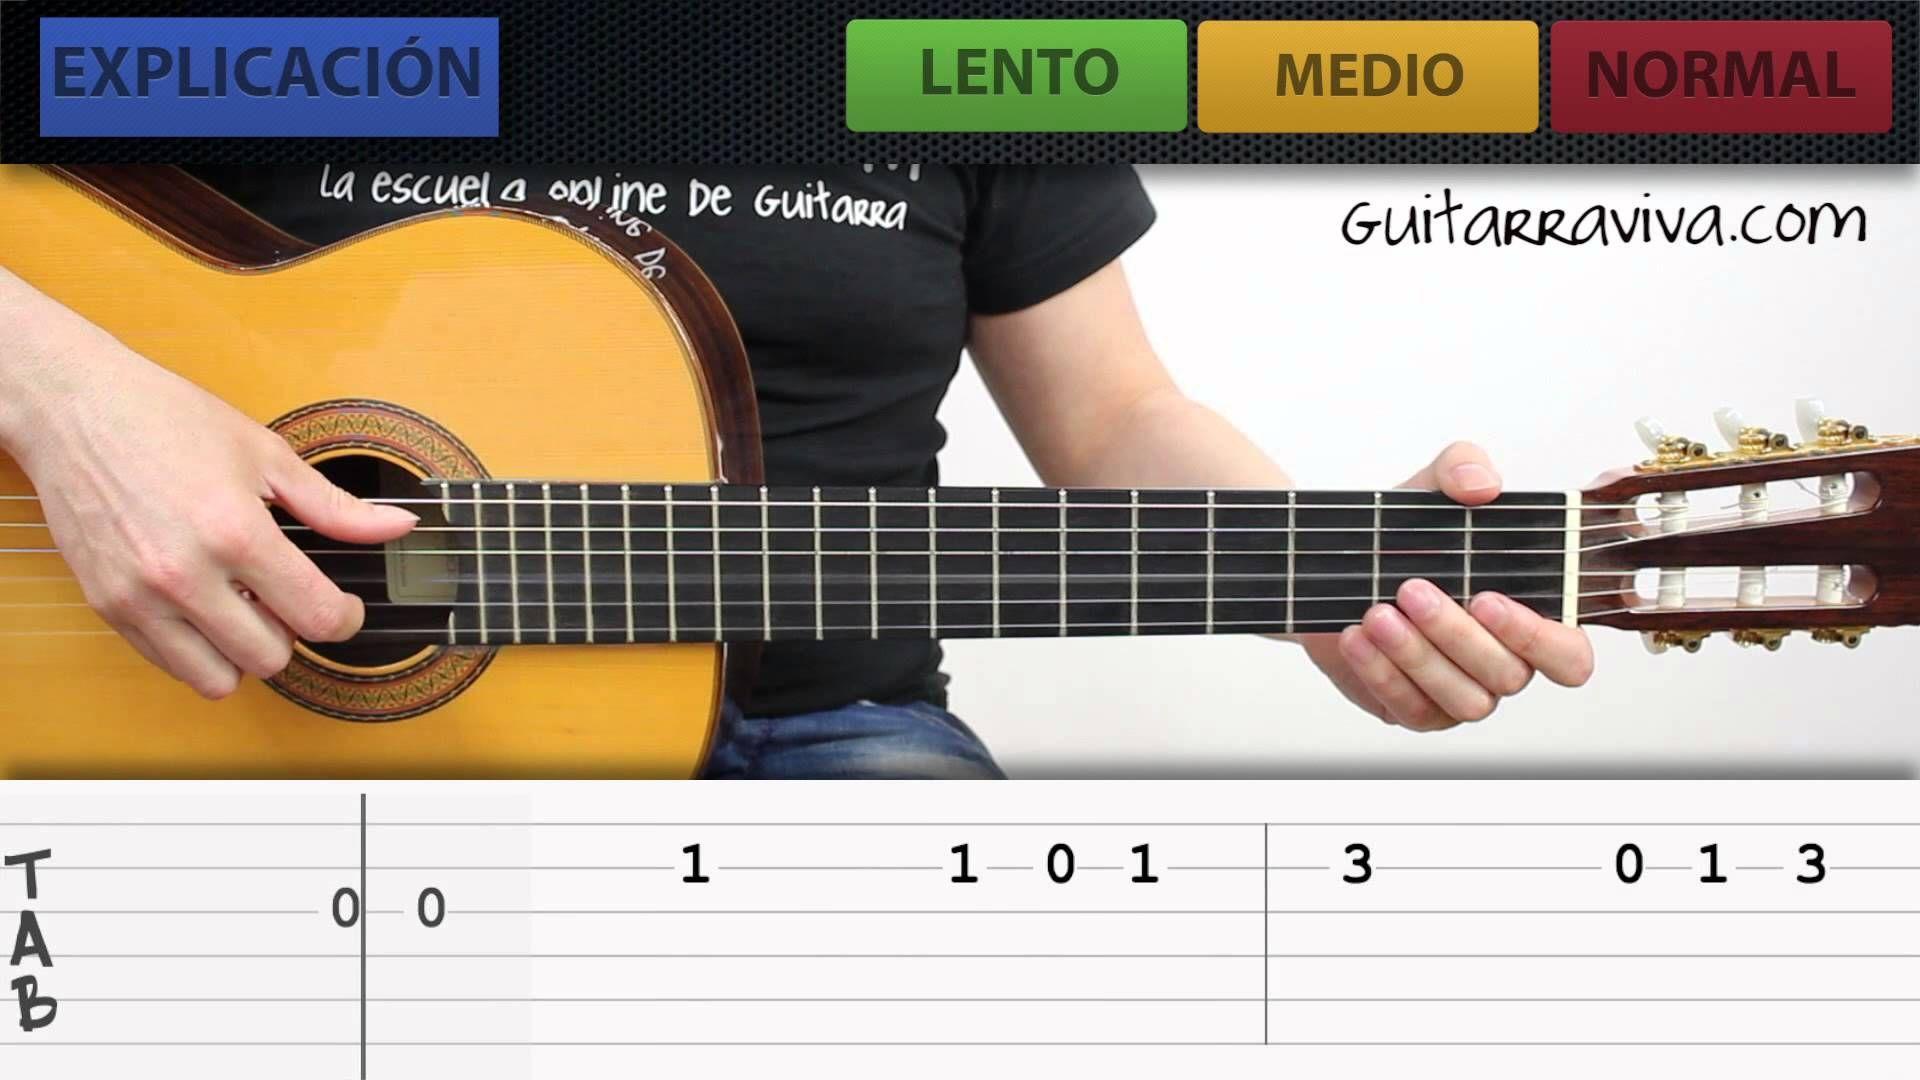 Las Mañanitas En Guitarra Acústica Muy Facil Para Principiantes Y Novatos Guitarras Guitarra Acustica Acordes De Guitarra Acustica